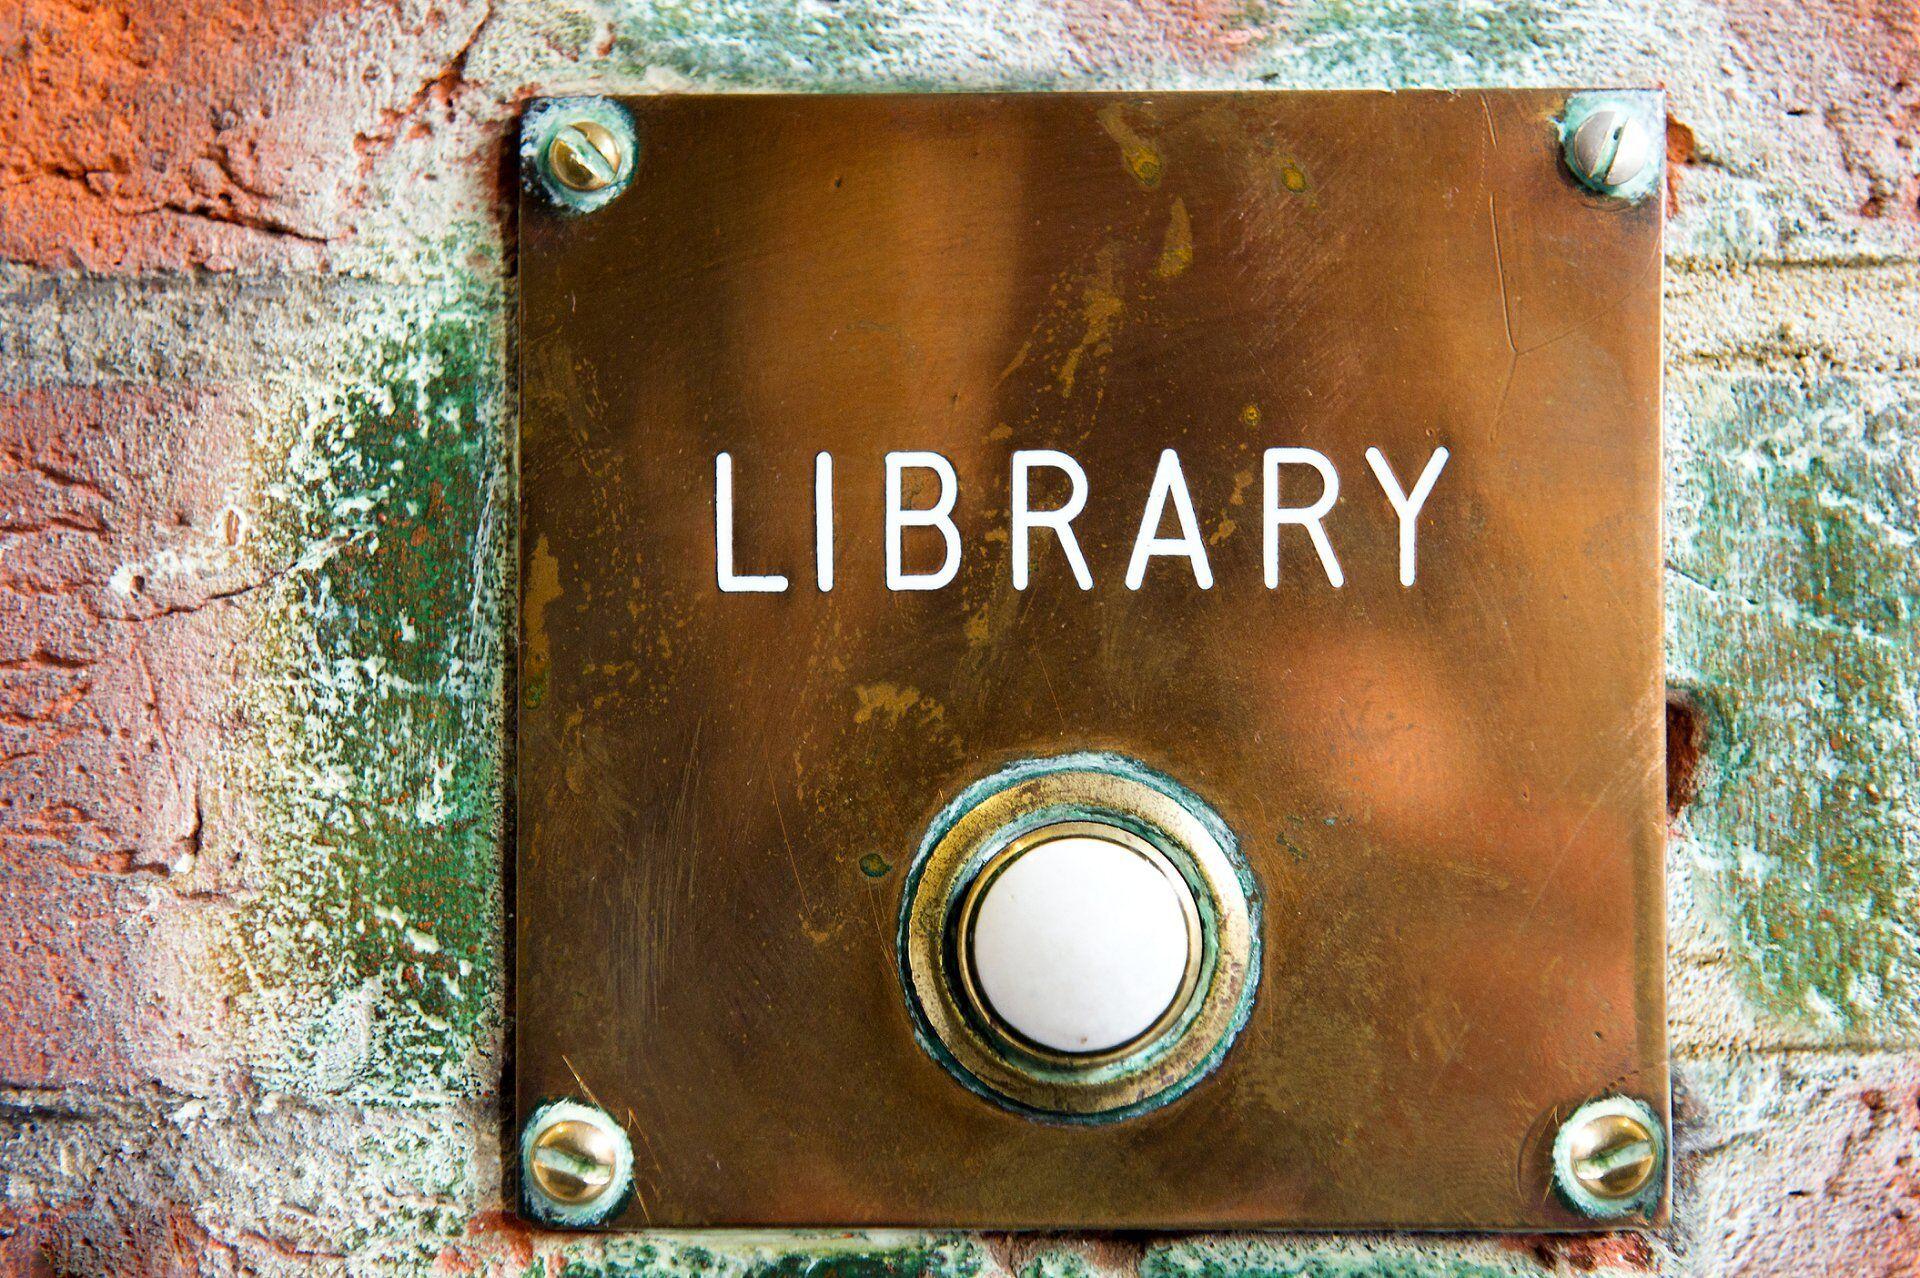 brass door bell mayfair library south audley street